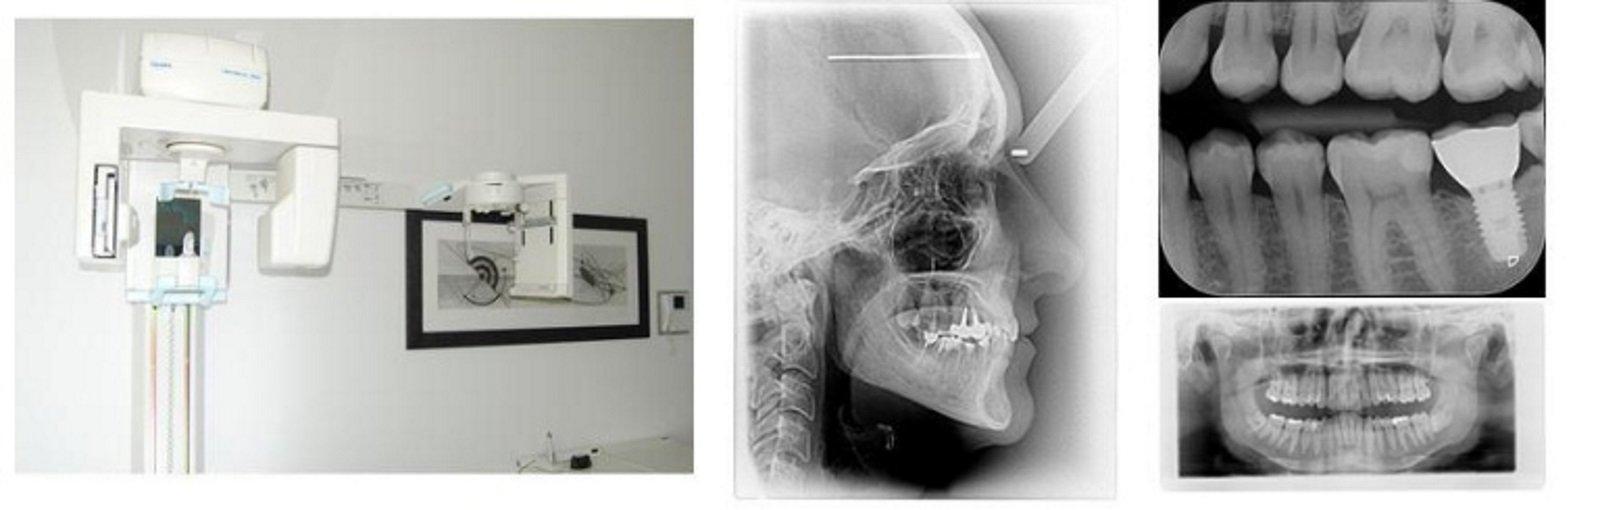 delle radiografie e un macchinario